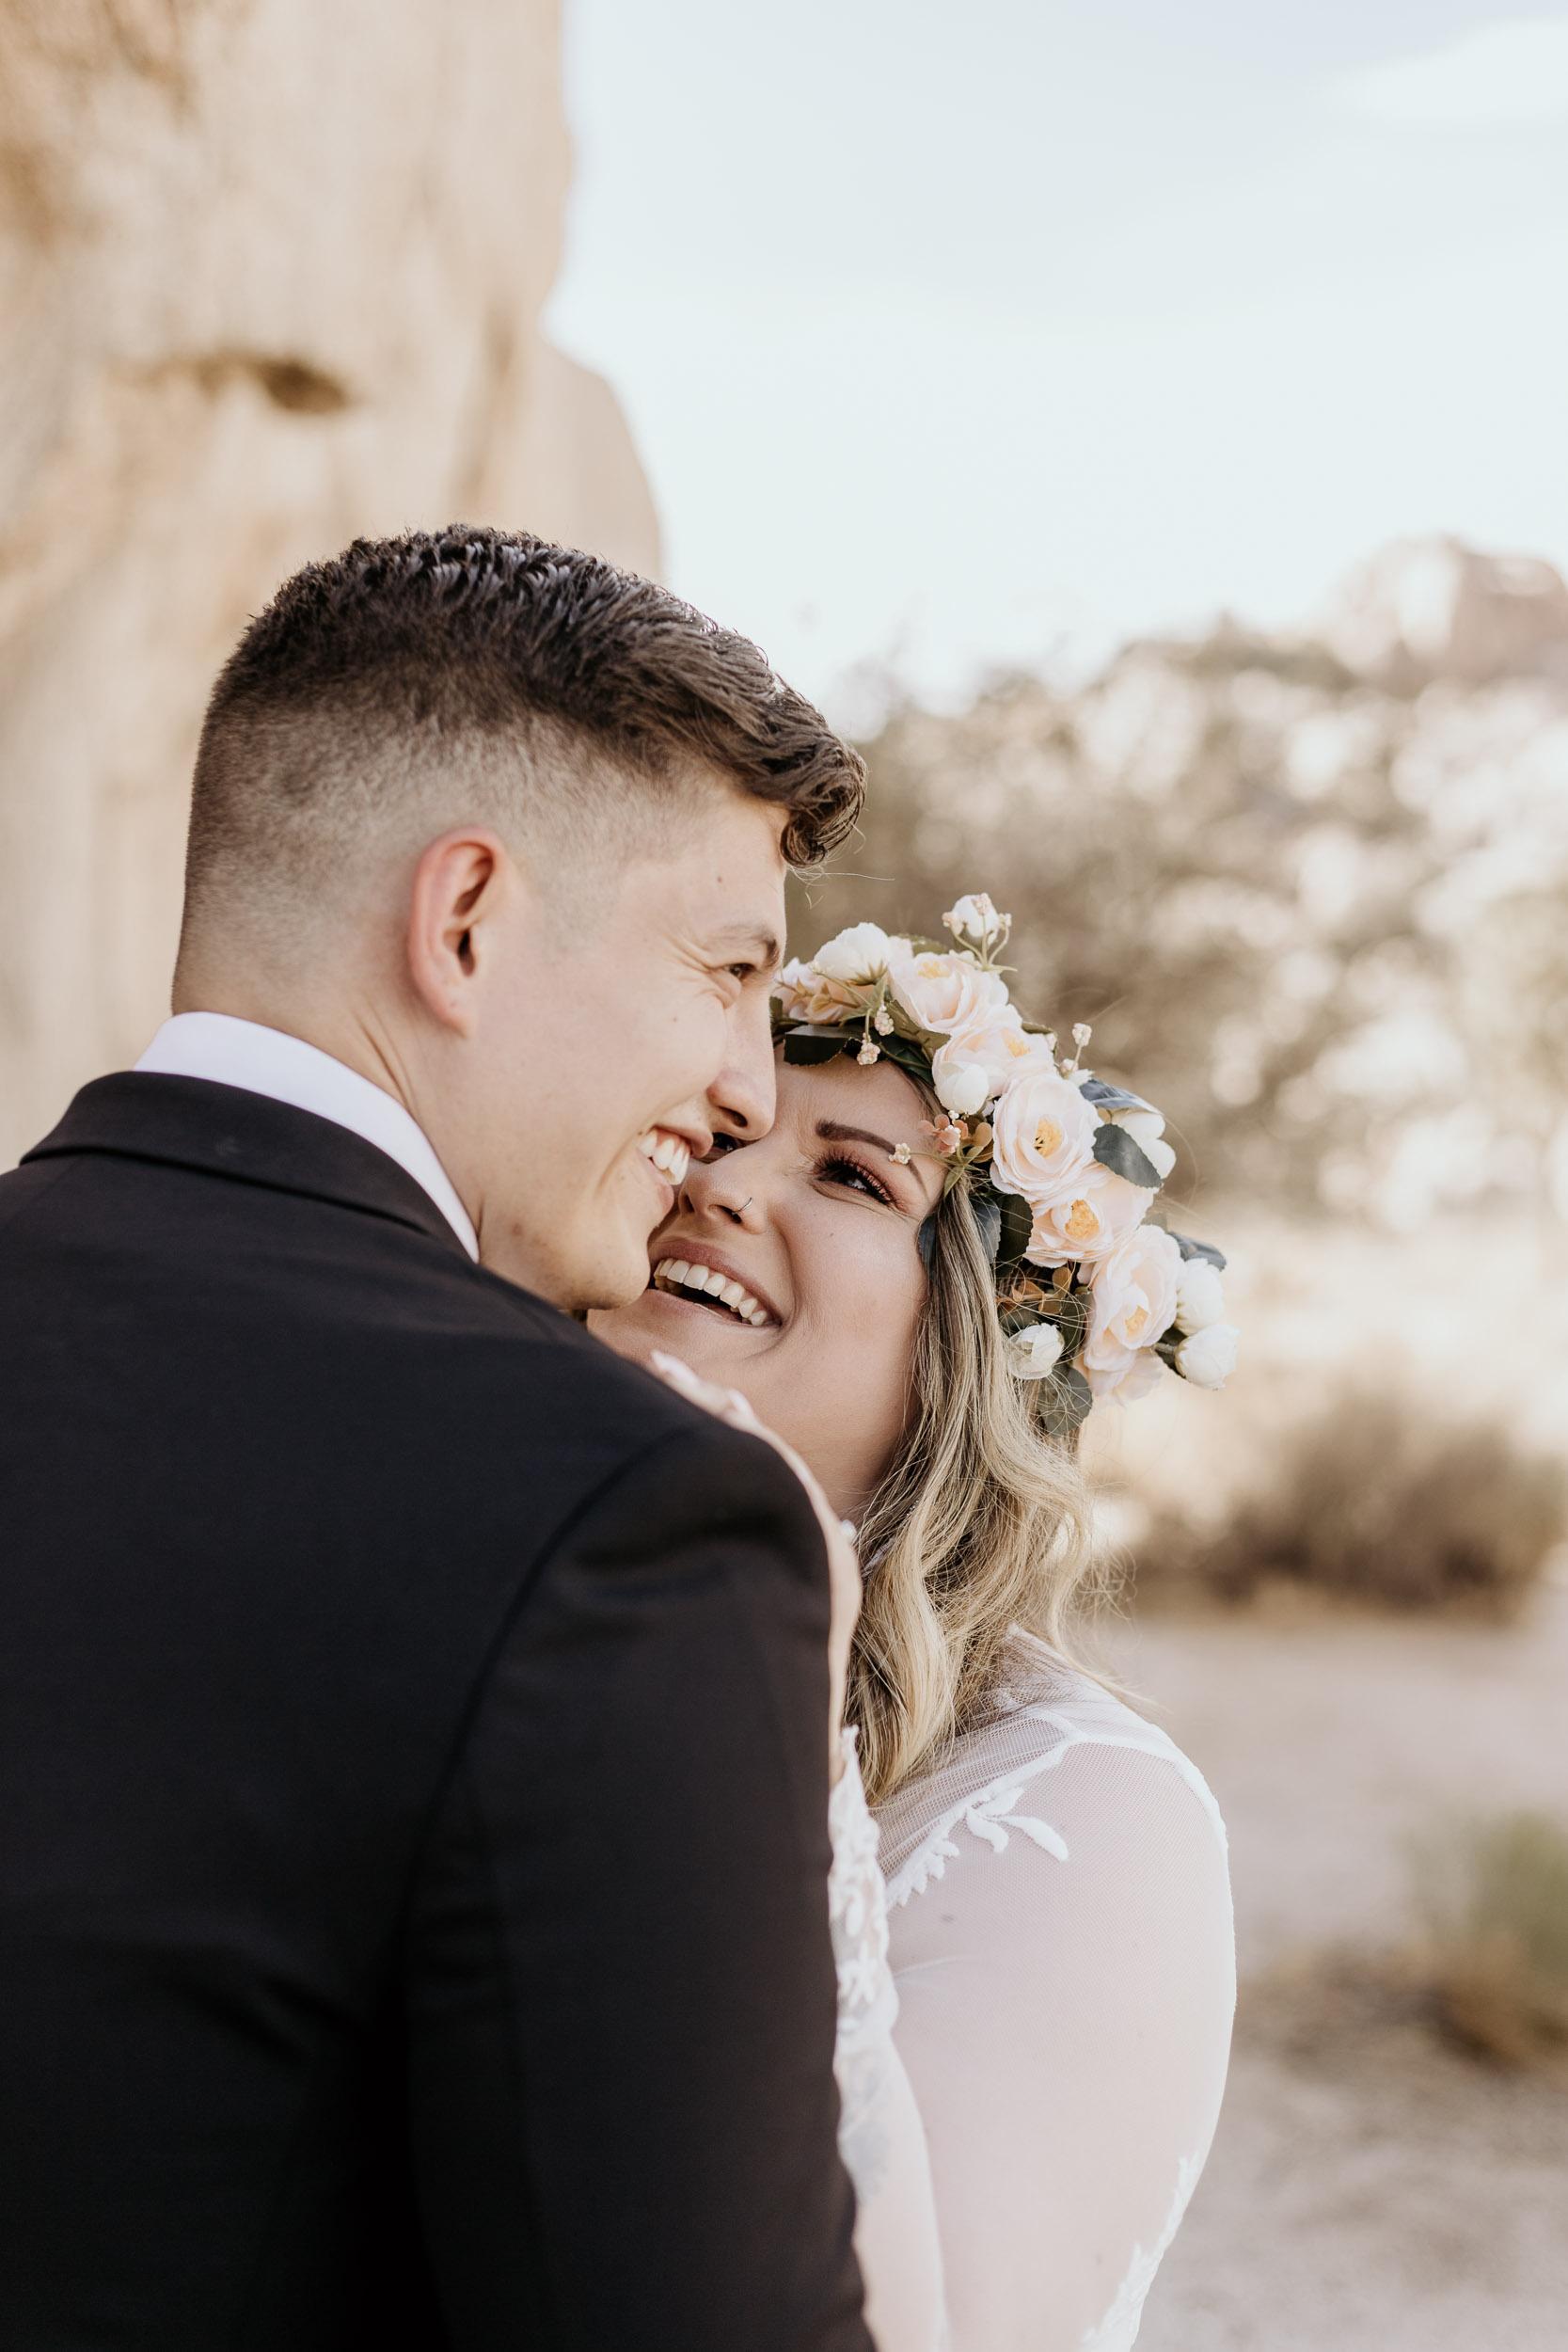 intimate-wedding-elopement-photographer-ottawa-joshua-tree-0124.jpg